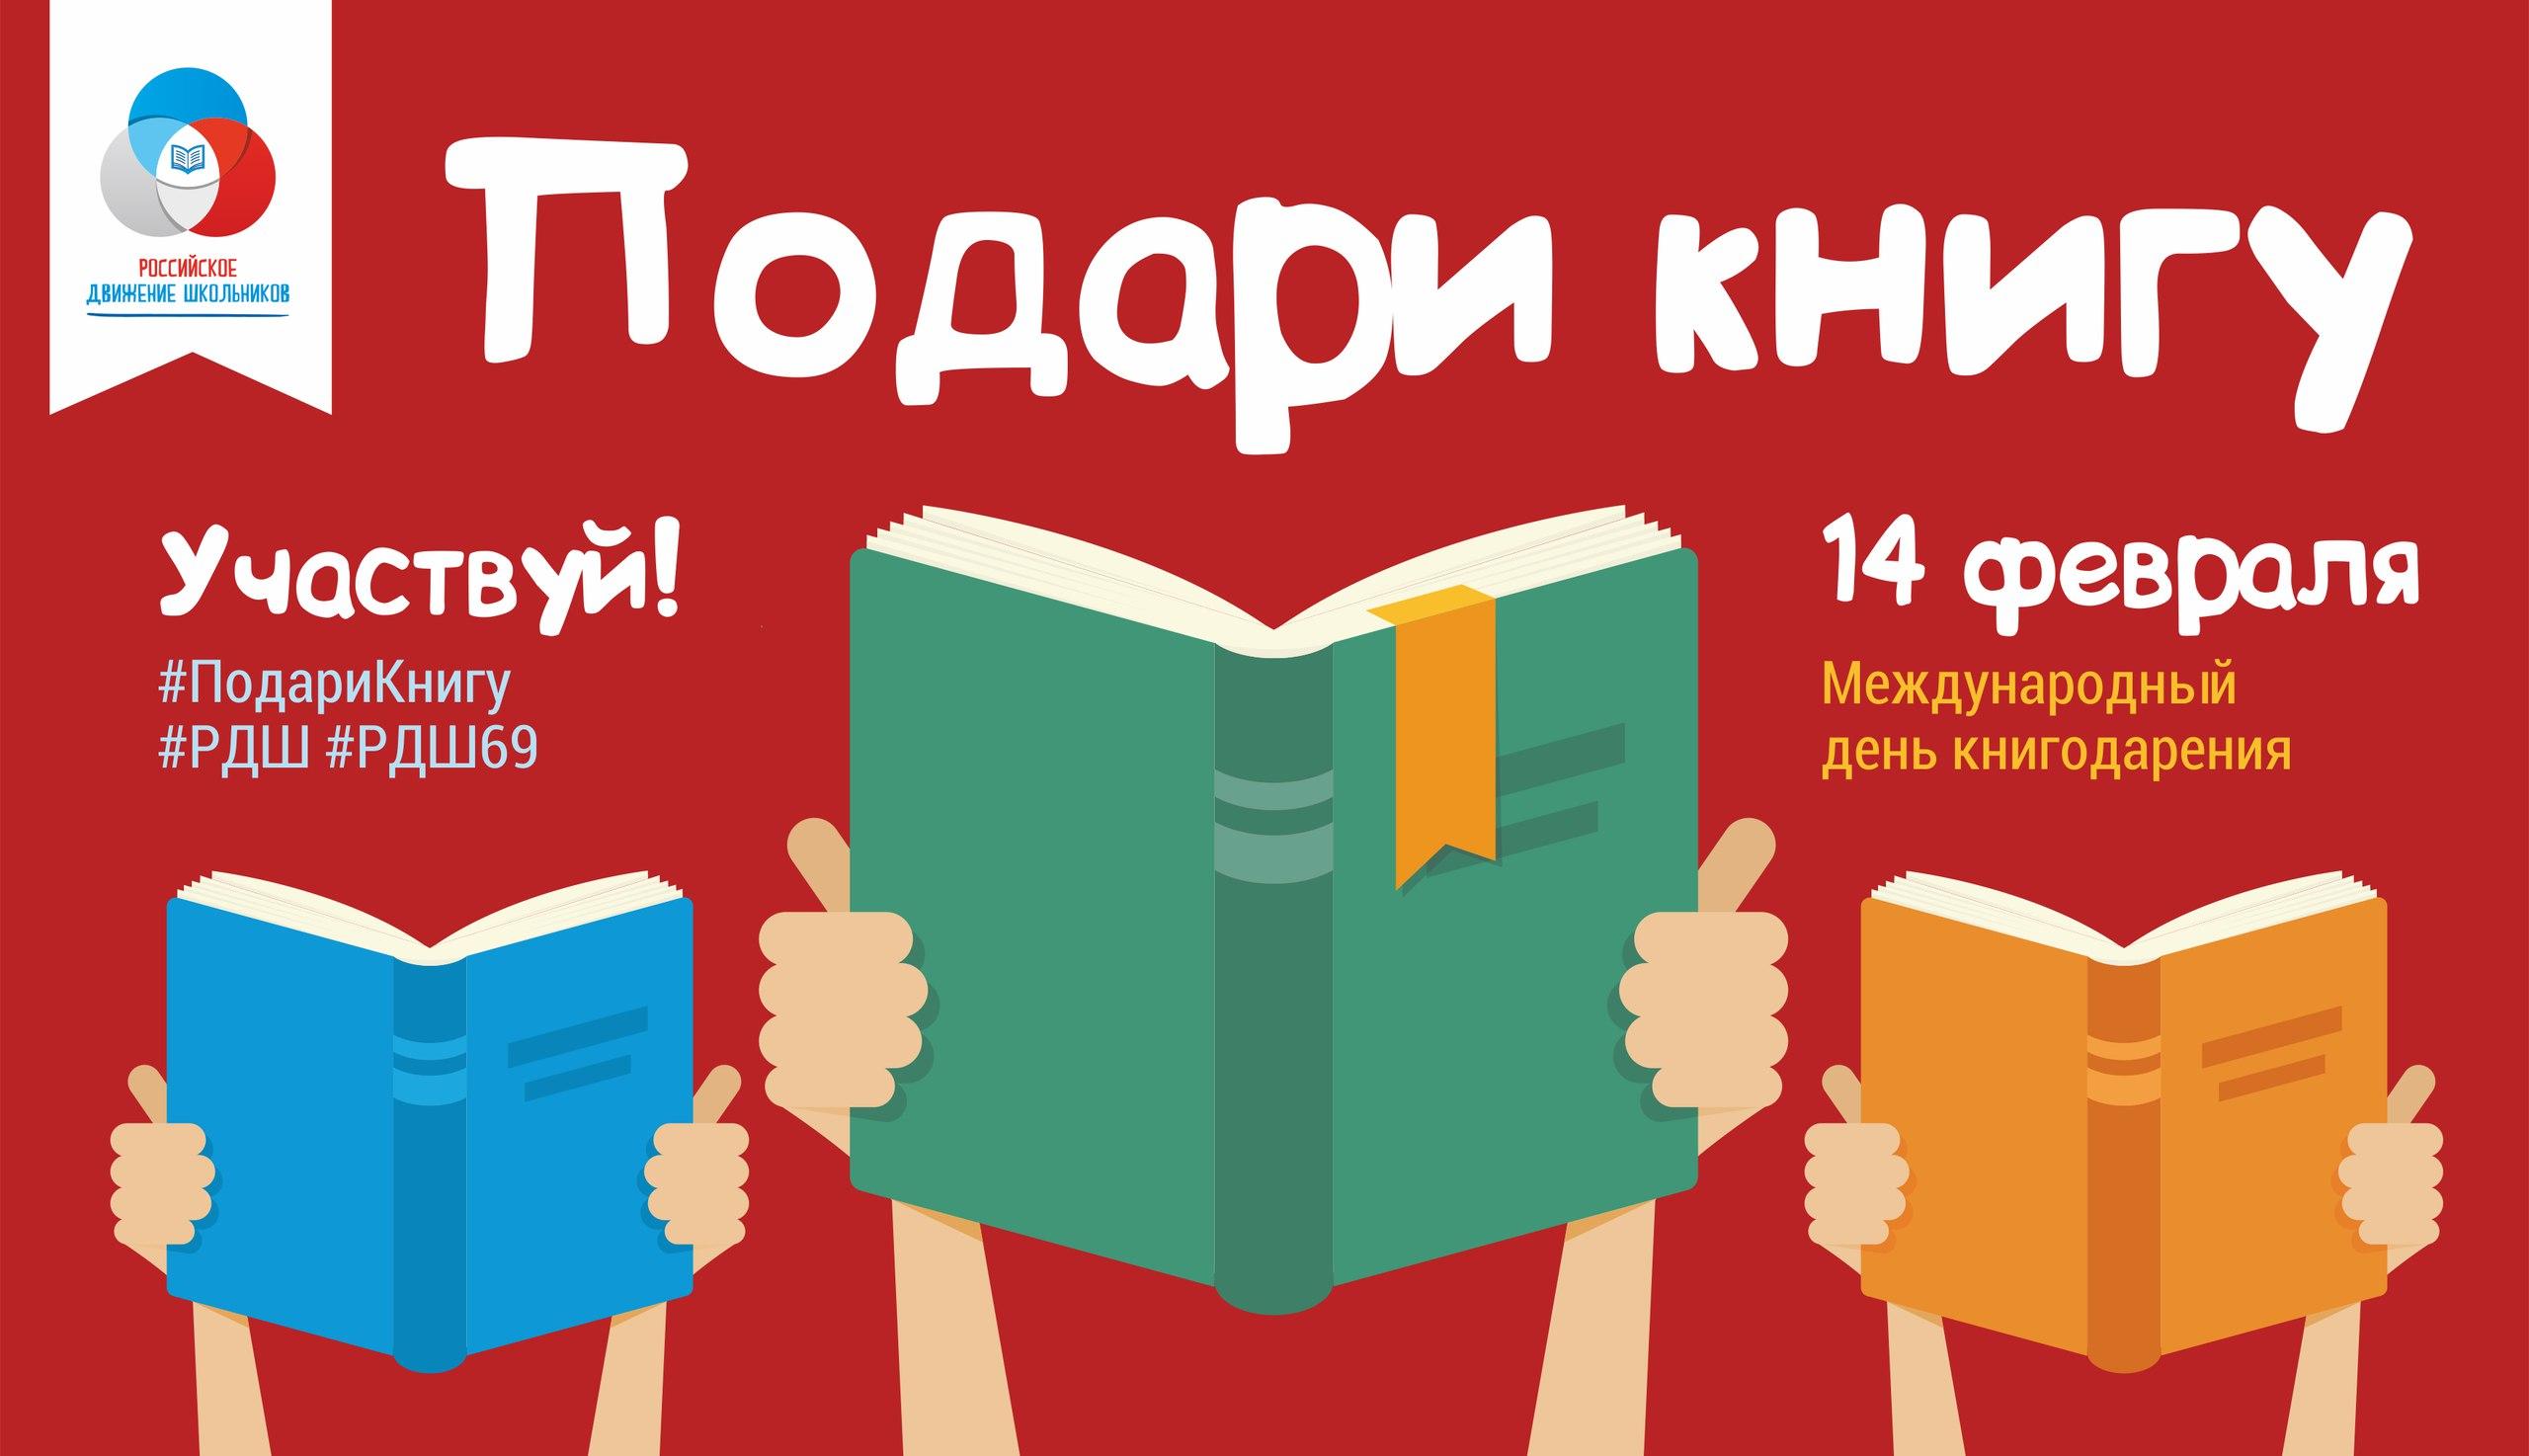 pZRapO0tjGU Акция «Подари книгу»